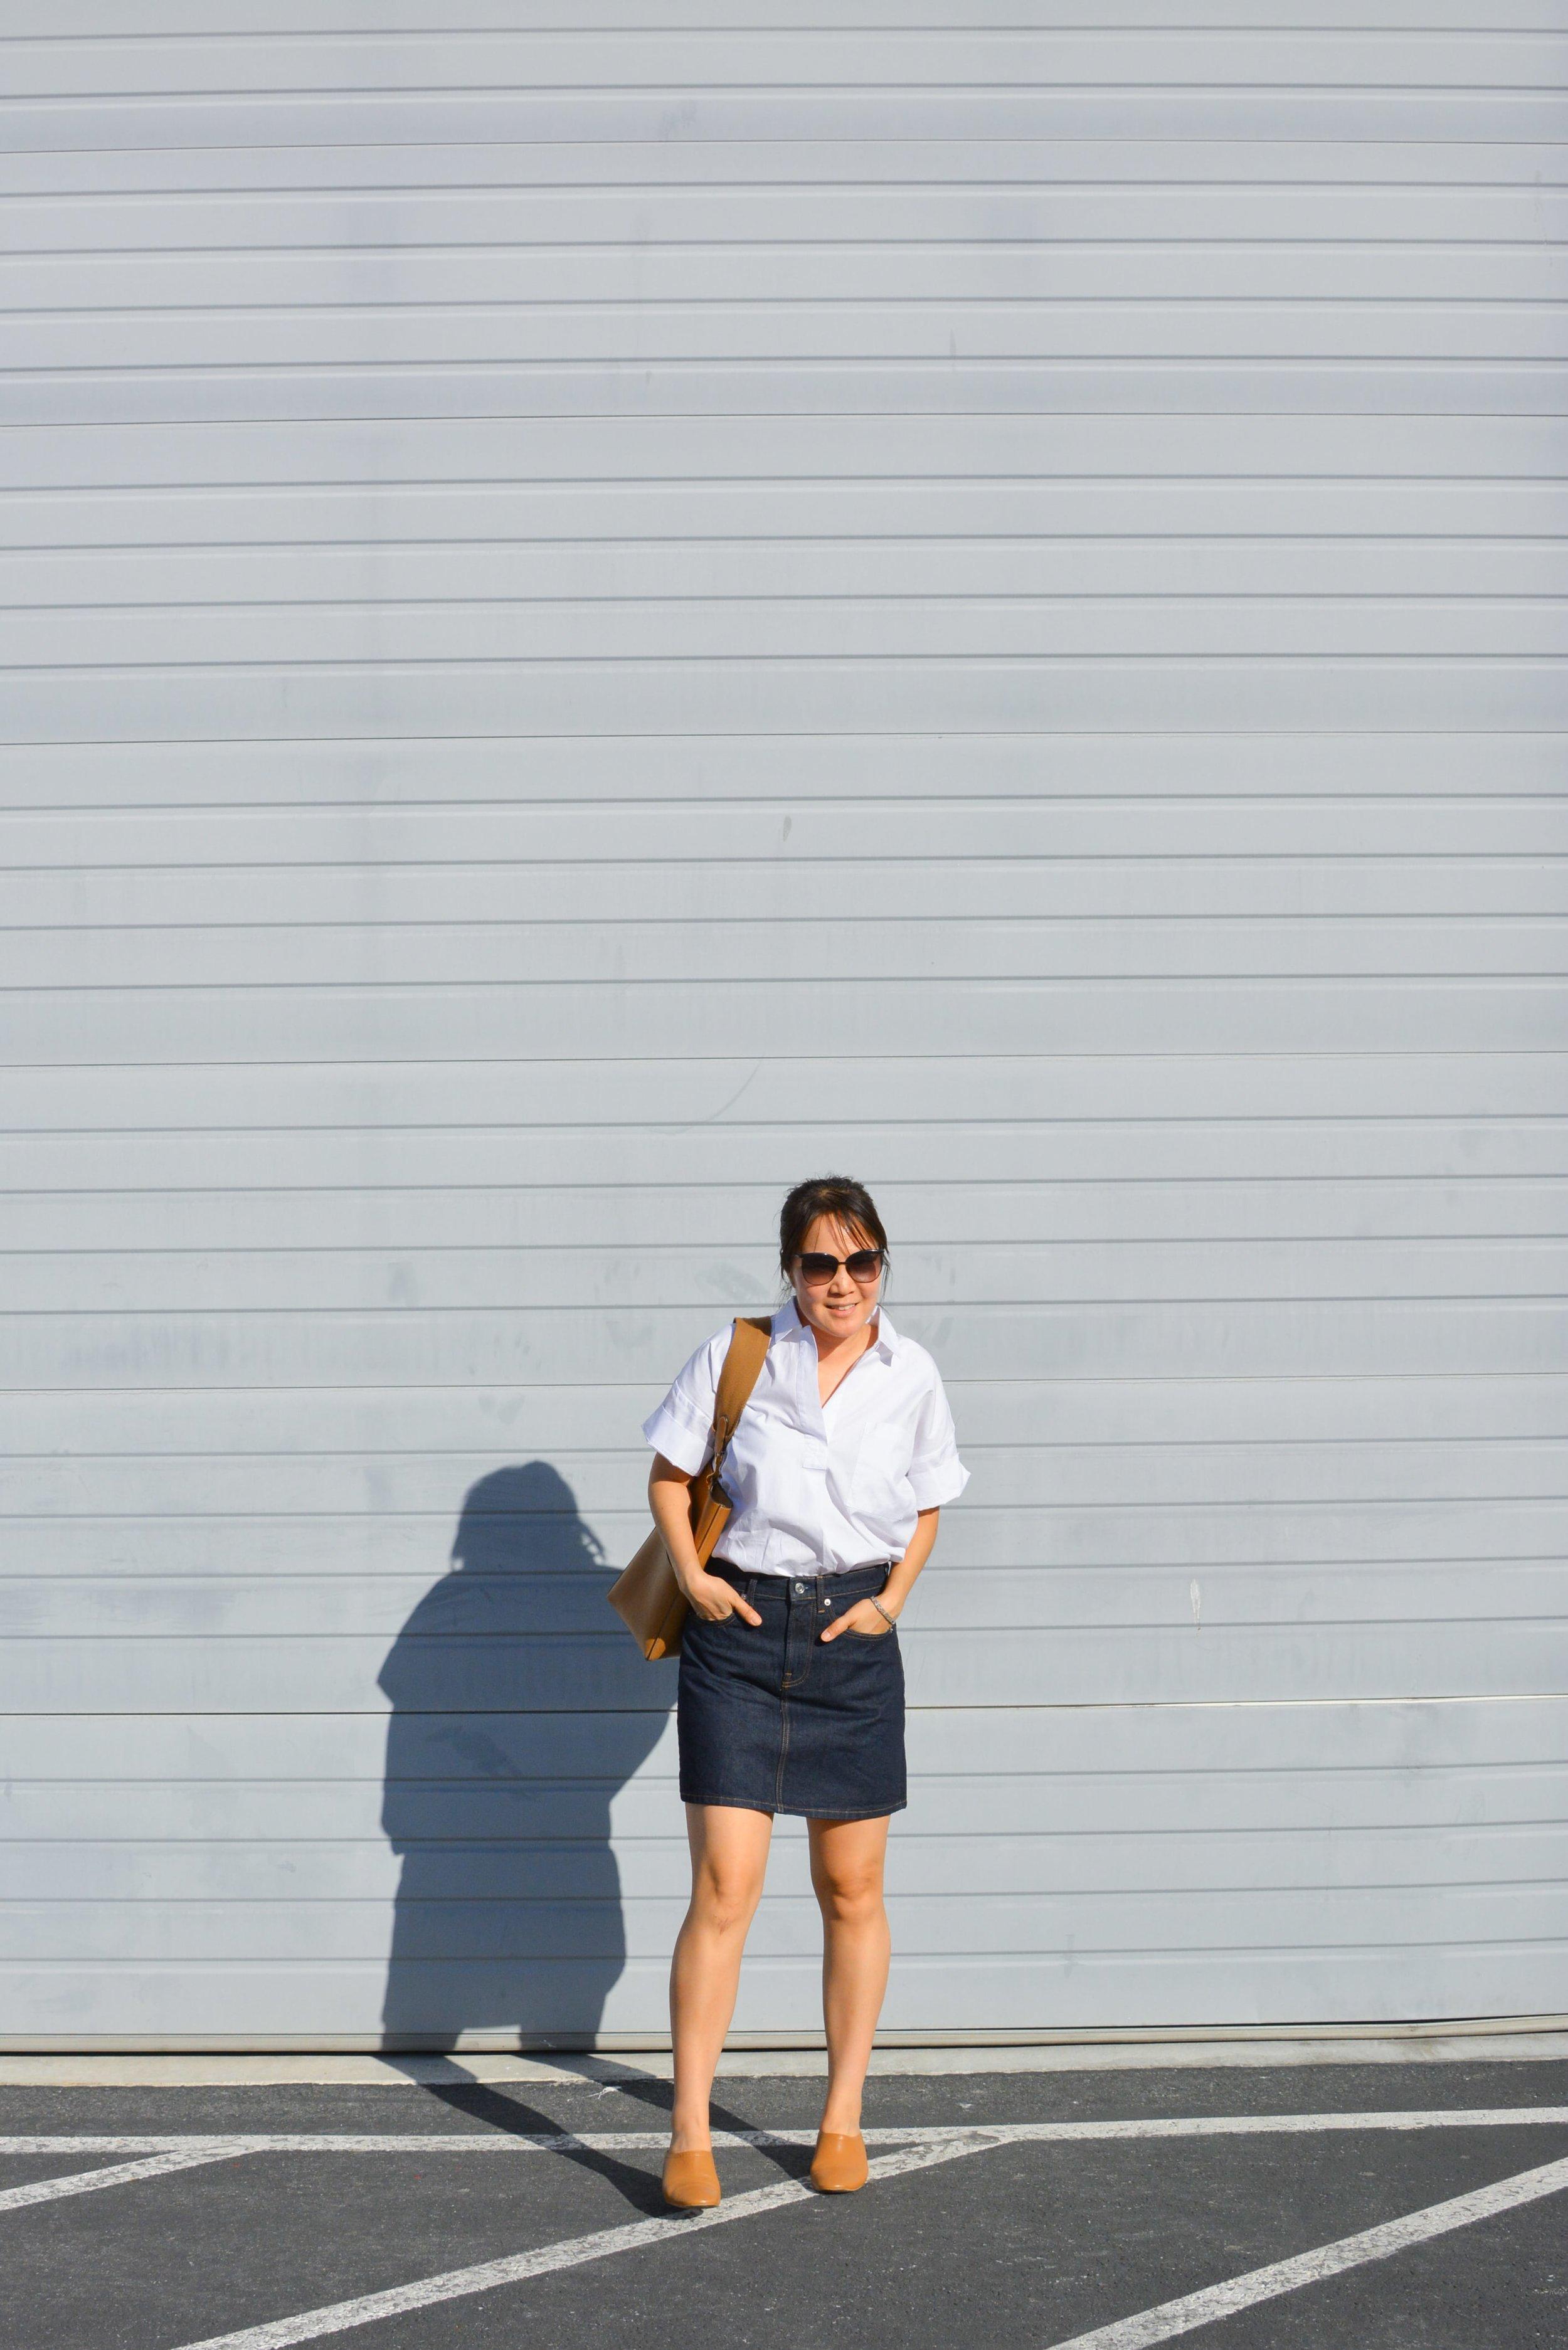 Everlane Review The The Denim Skirt (3 of 4)-min.jpg